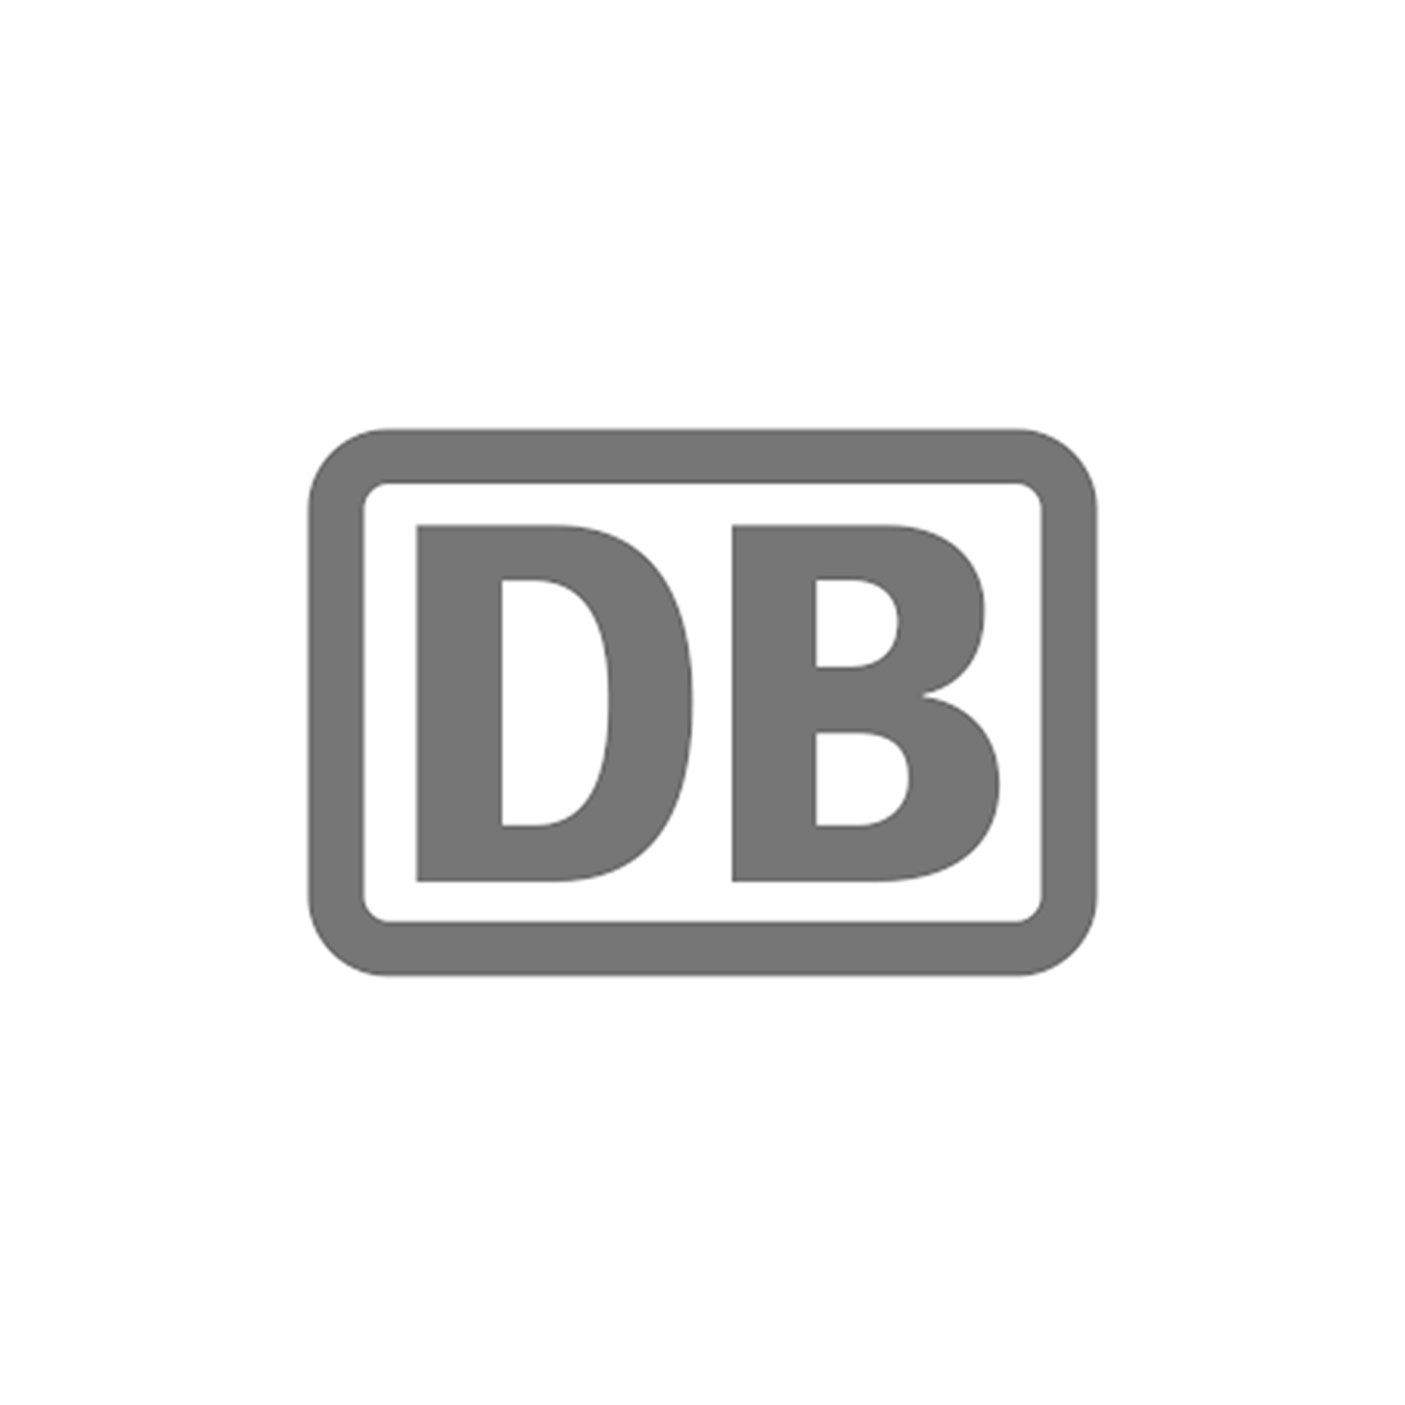 Deutsche Bahn Services